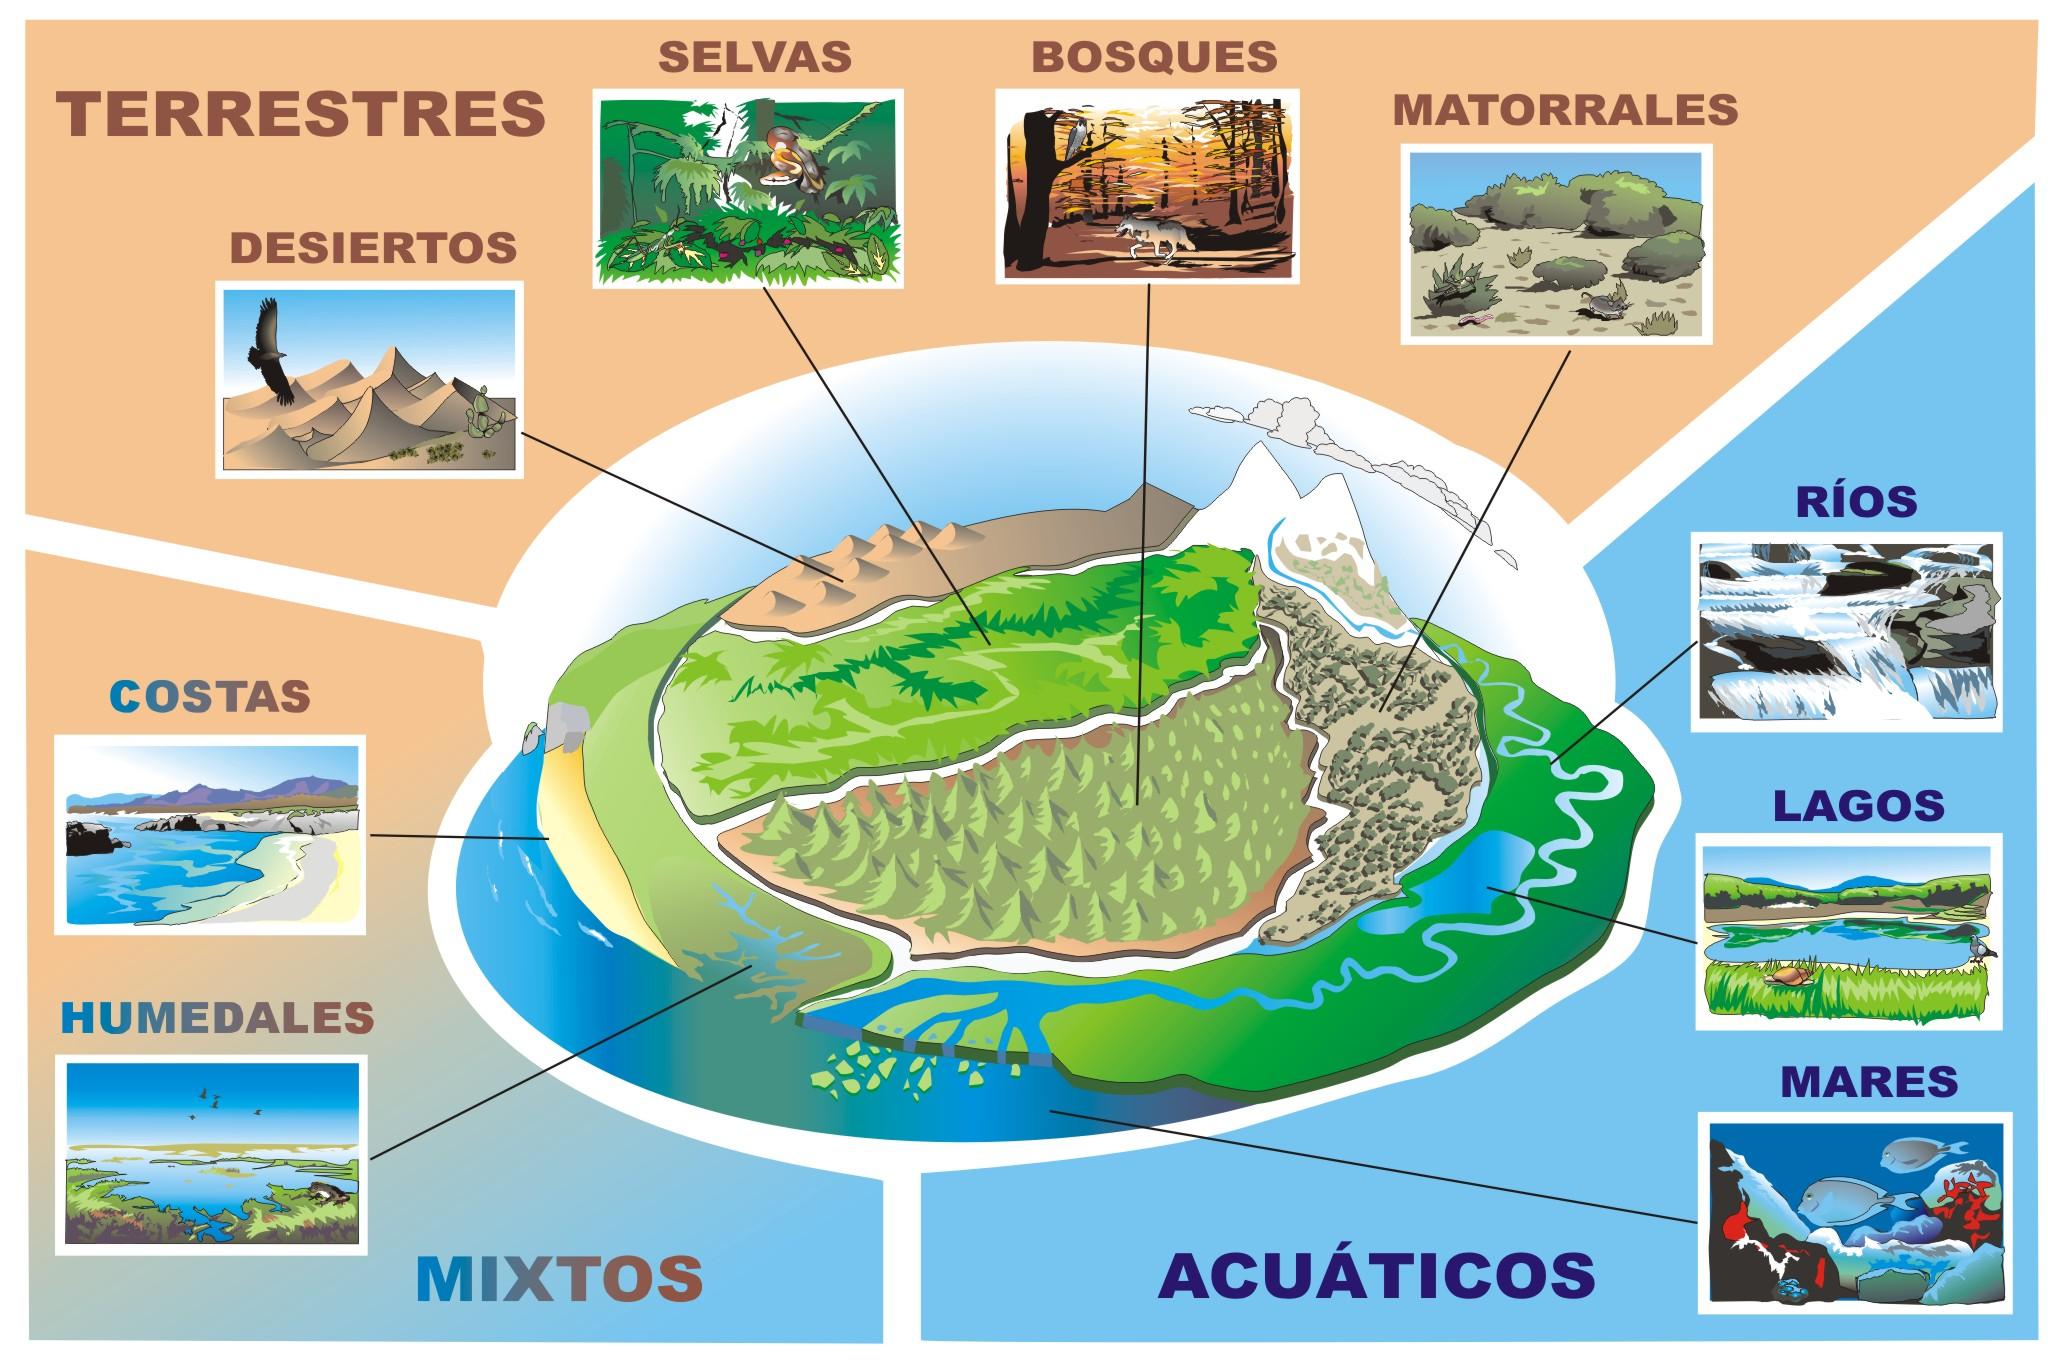 Cuadros sinpticos sobre Ecosistema y mapas conceptuales sobre